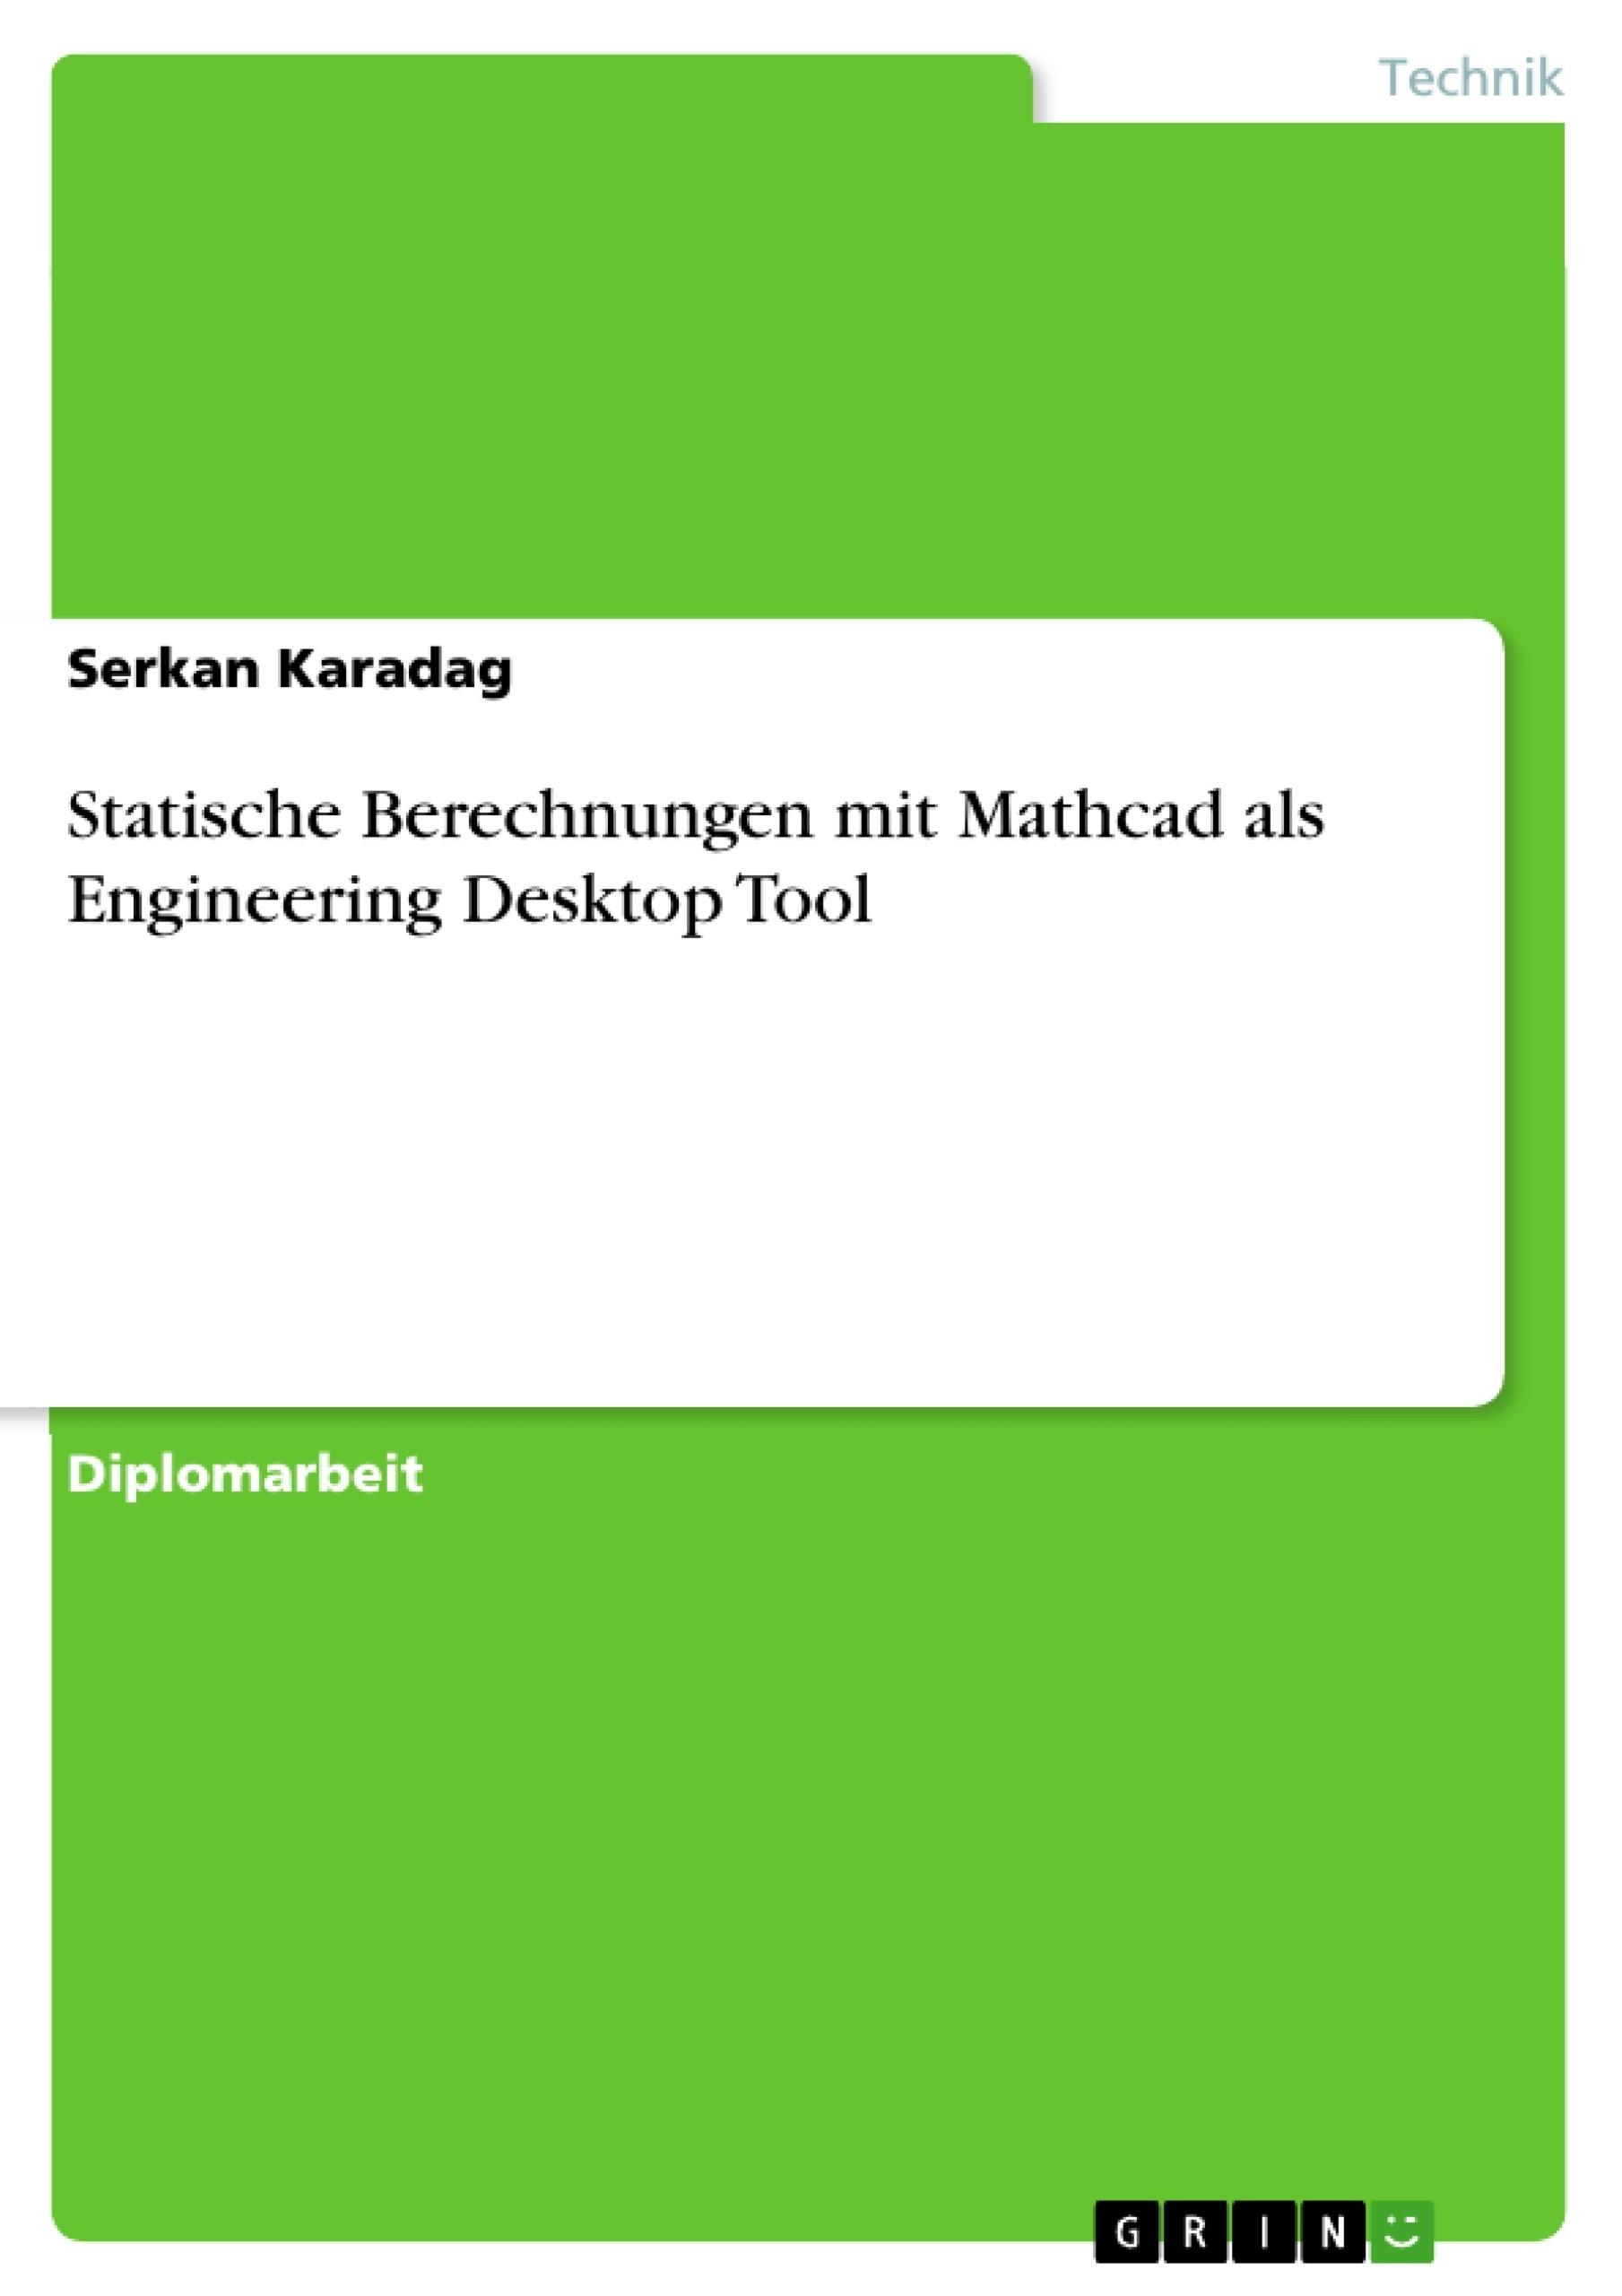 Titel: Statische Berechnungen mit Mathcad als Engineering Desktop Tool